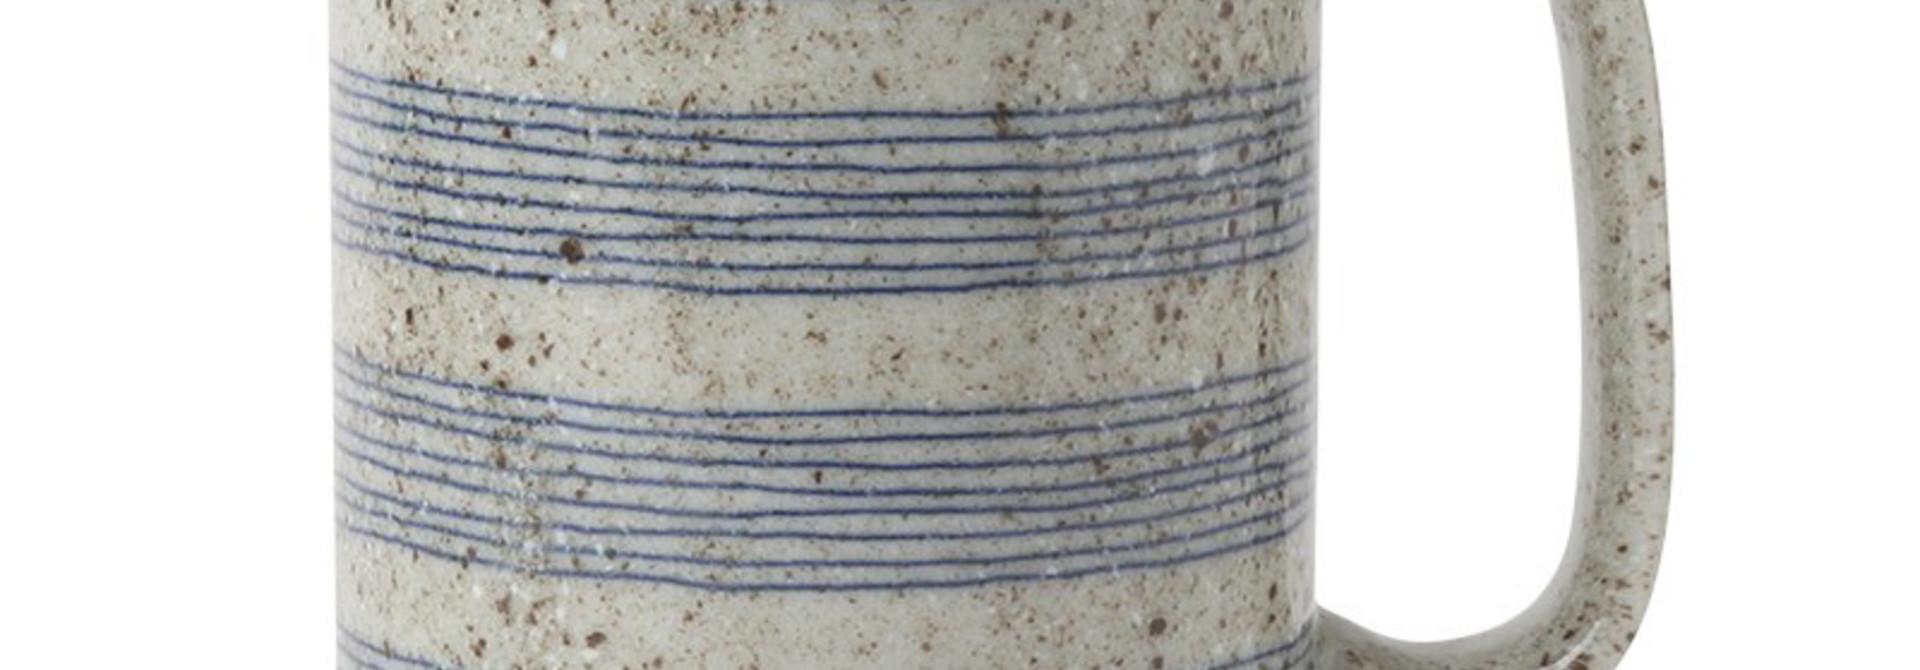 Blue Shimao - 16 oz. Mug